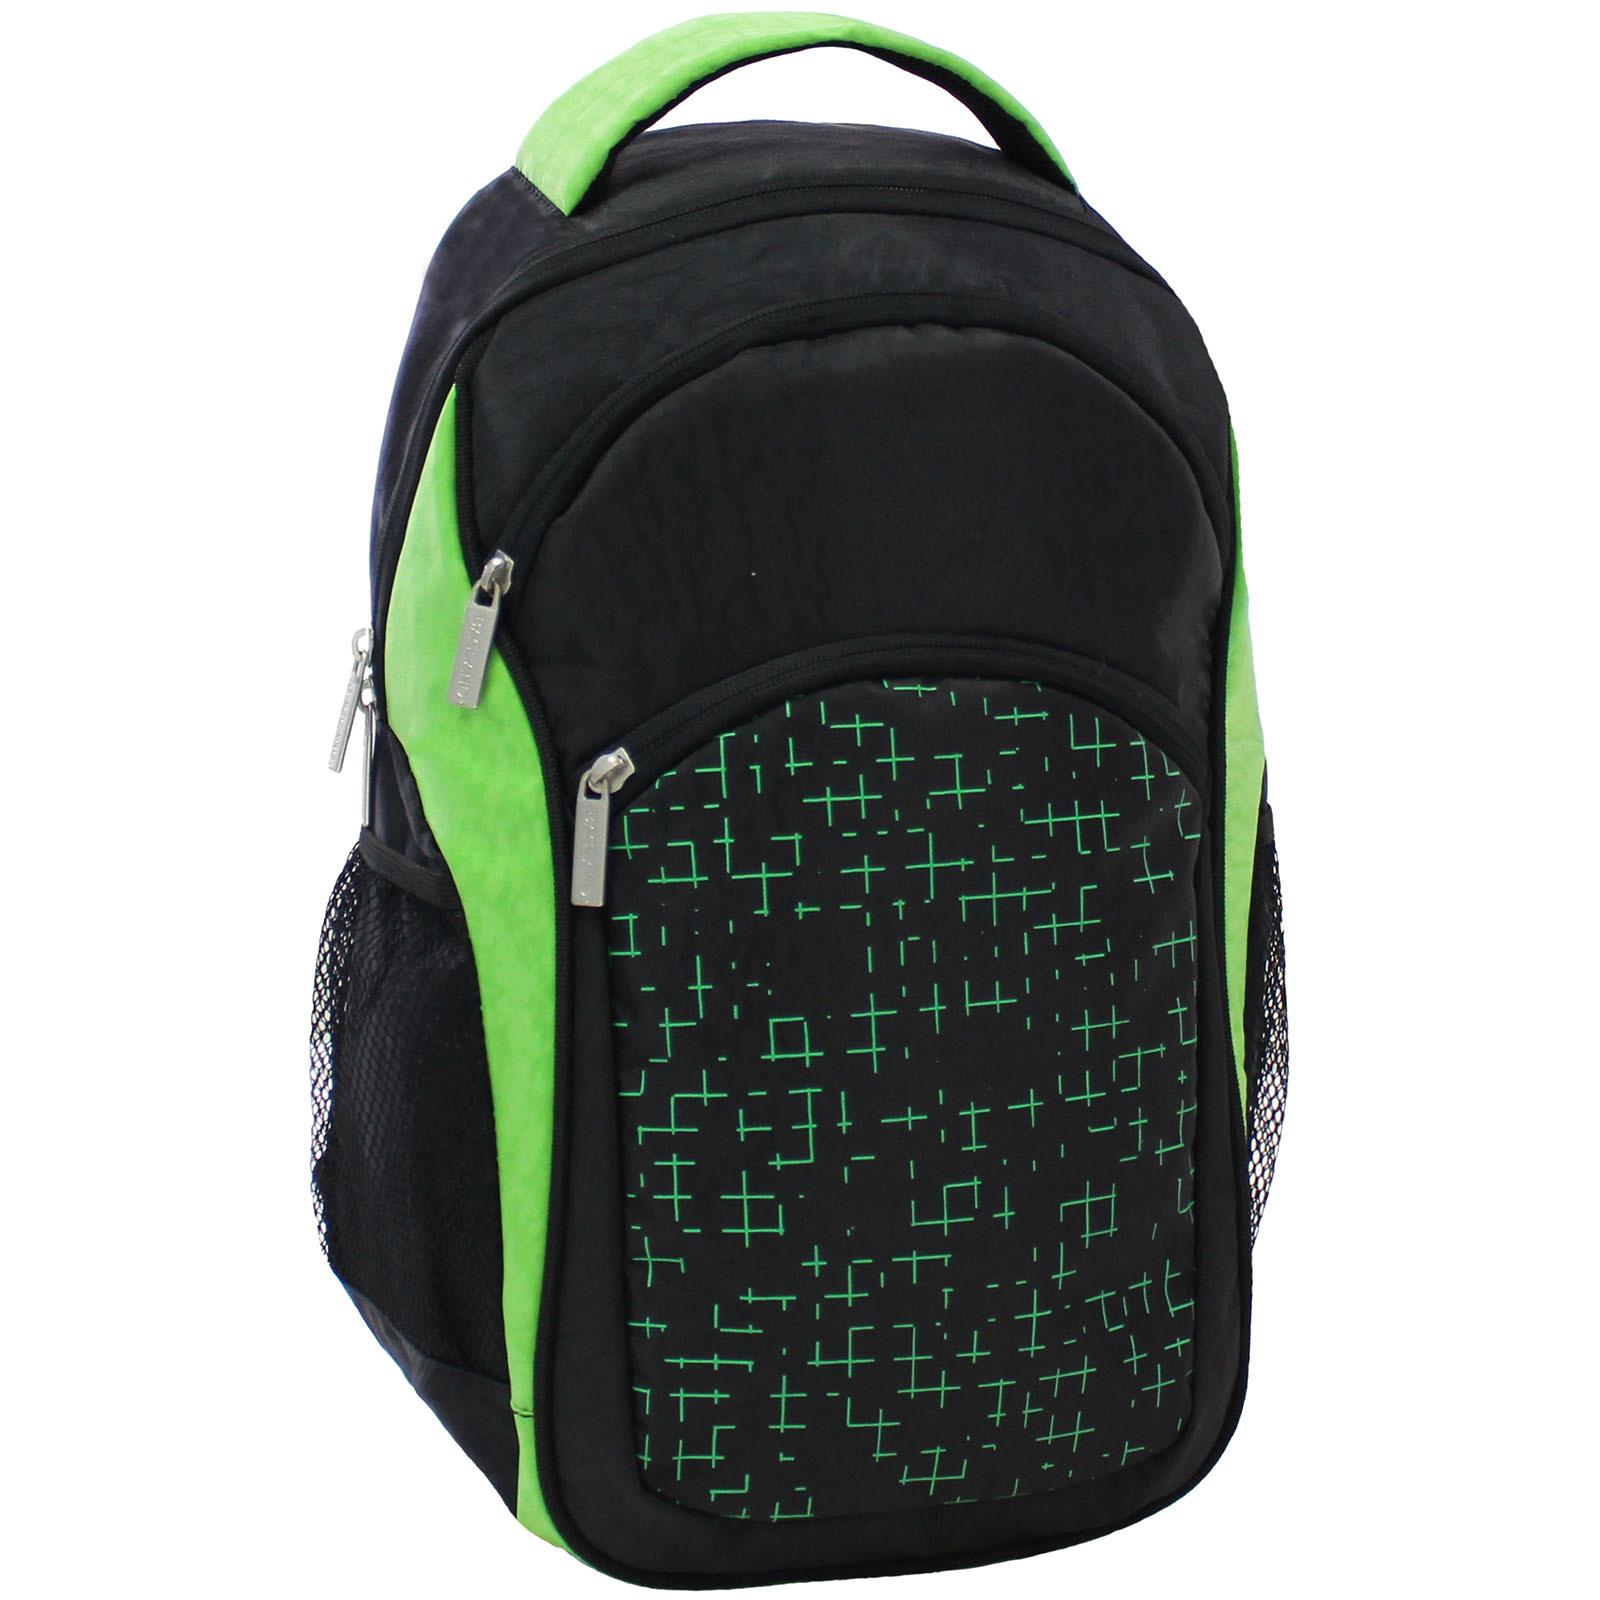 Городские рюкзаки Рюкзак Bagland Лик 21 л. Чёрный / салатовый (0055770) IMG_6471.JPG